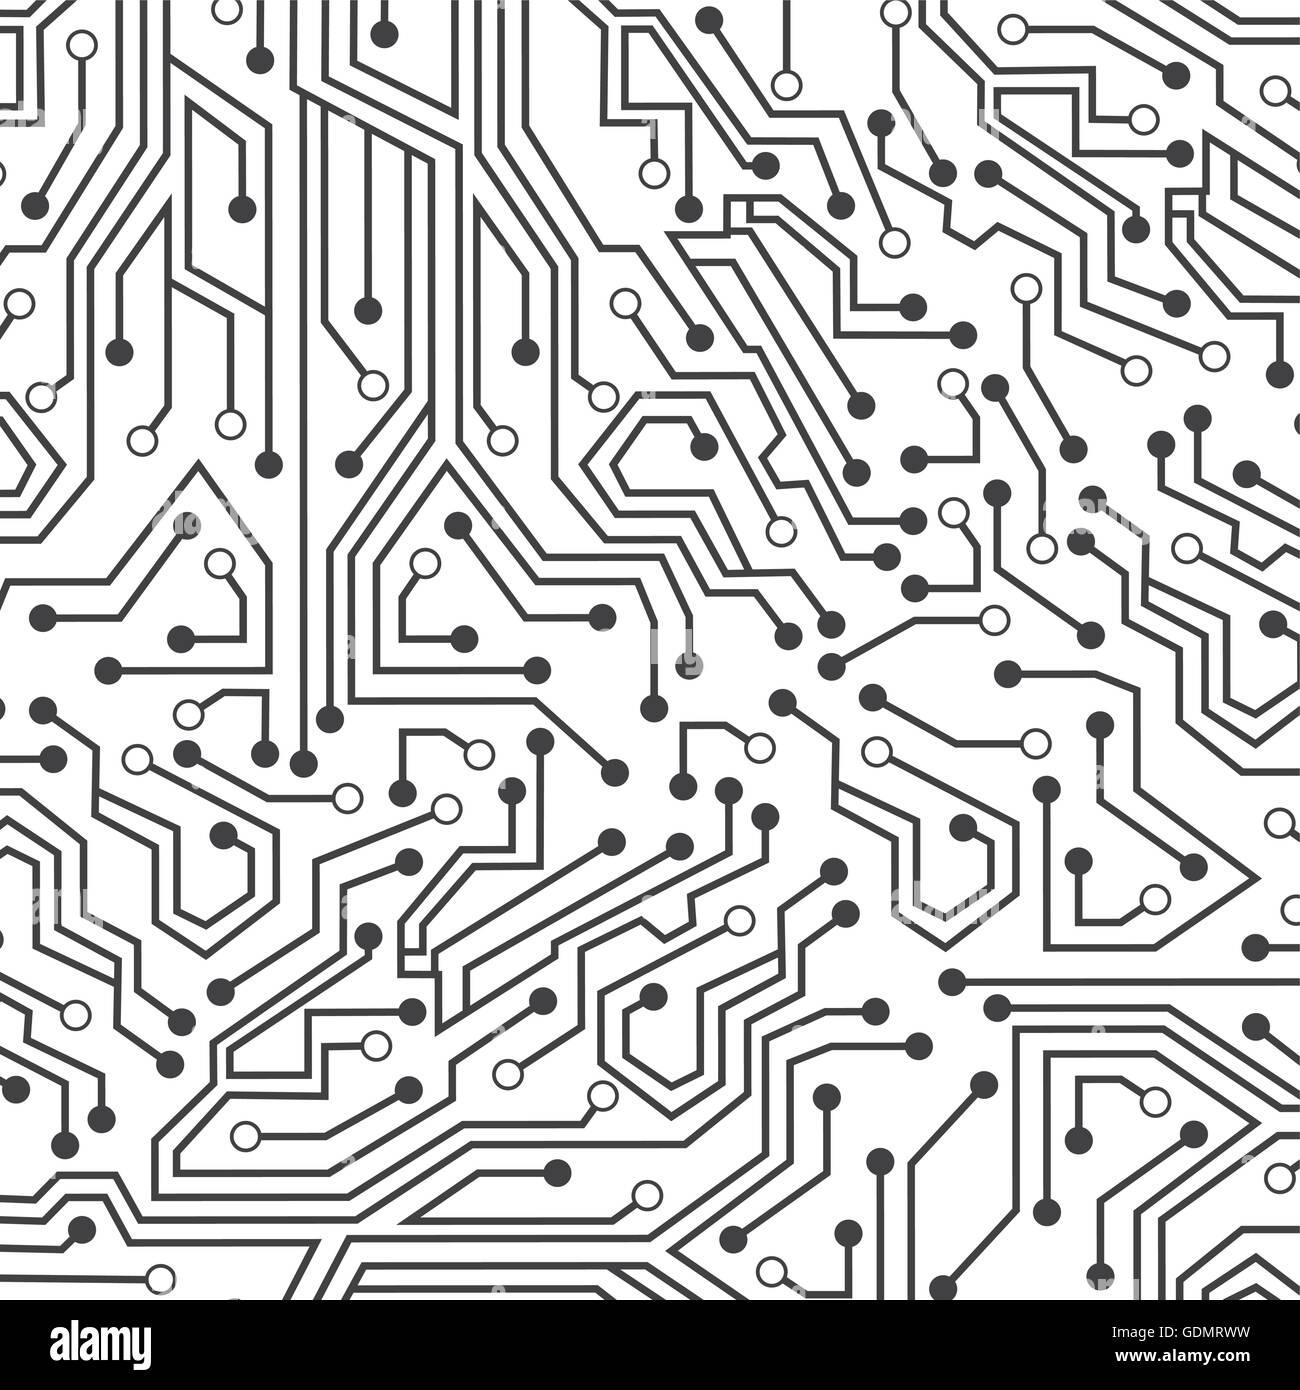 Groß Grundlegender Elektronischer Schaltplan Bilder - Elektrische ...